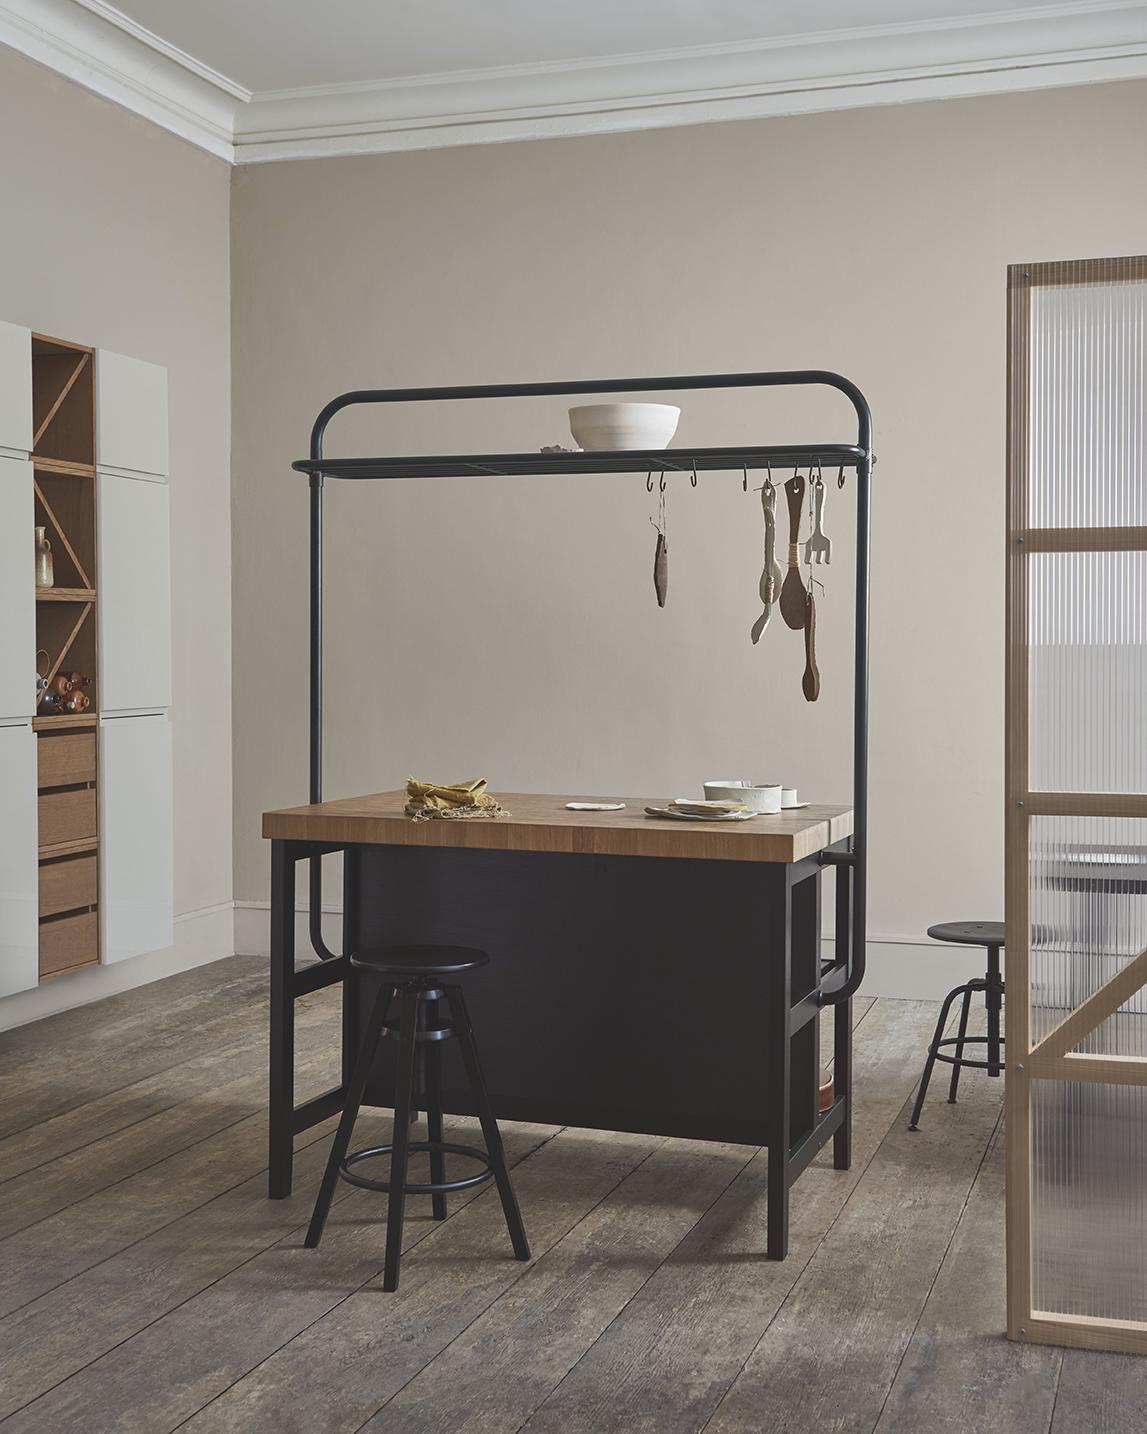 Meuble 16 Cases Ikea Pied Reglable Ikea Cuisine Capita Pied